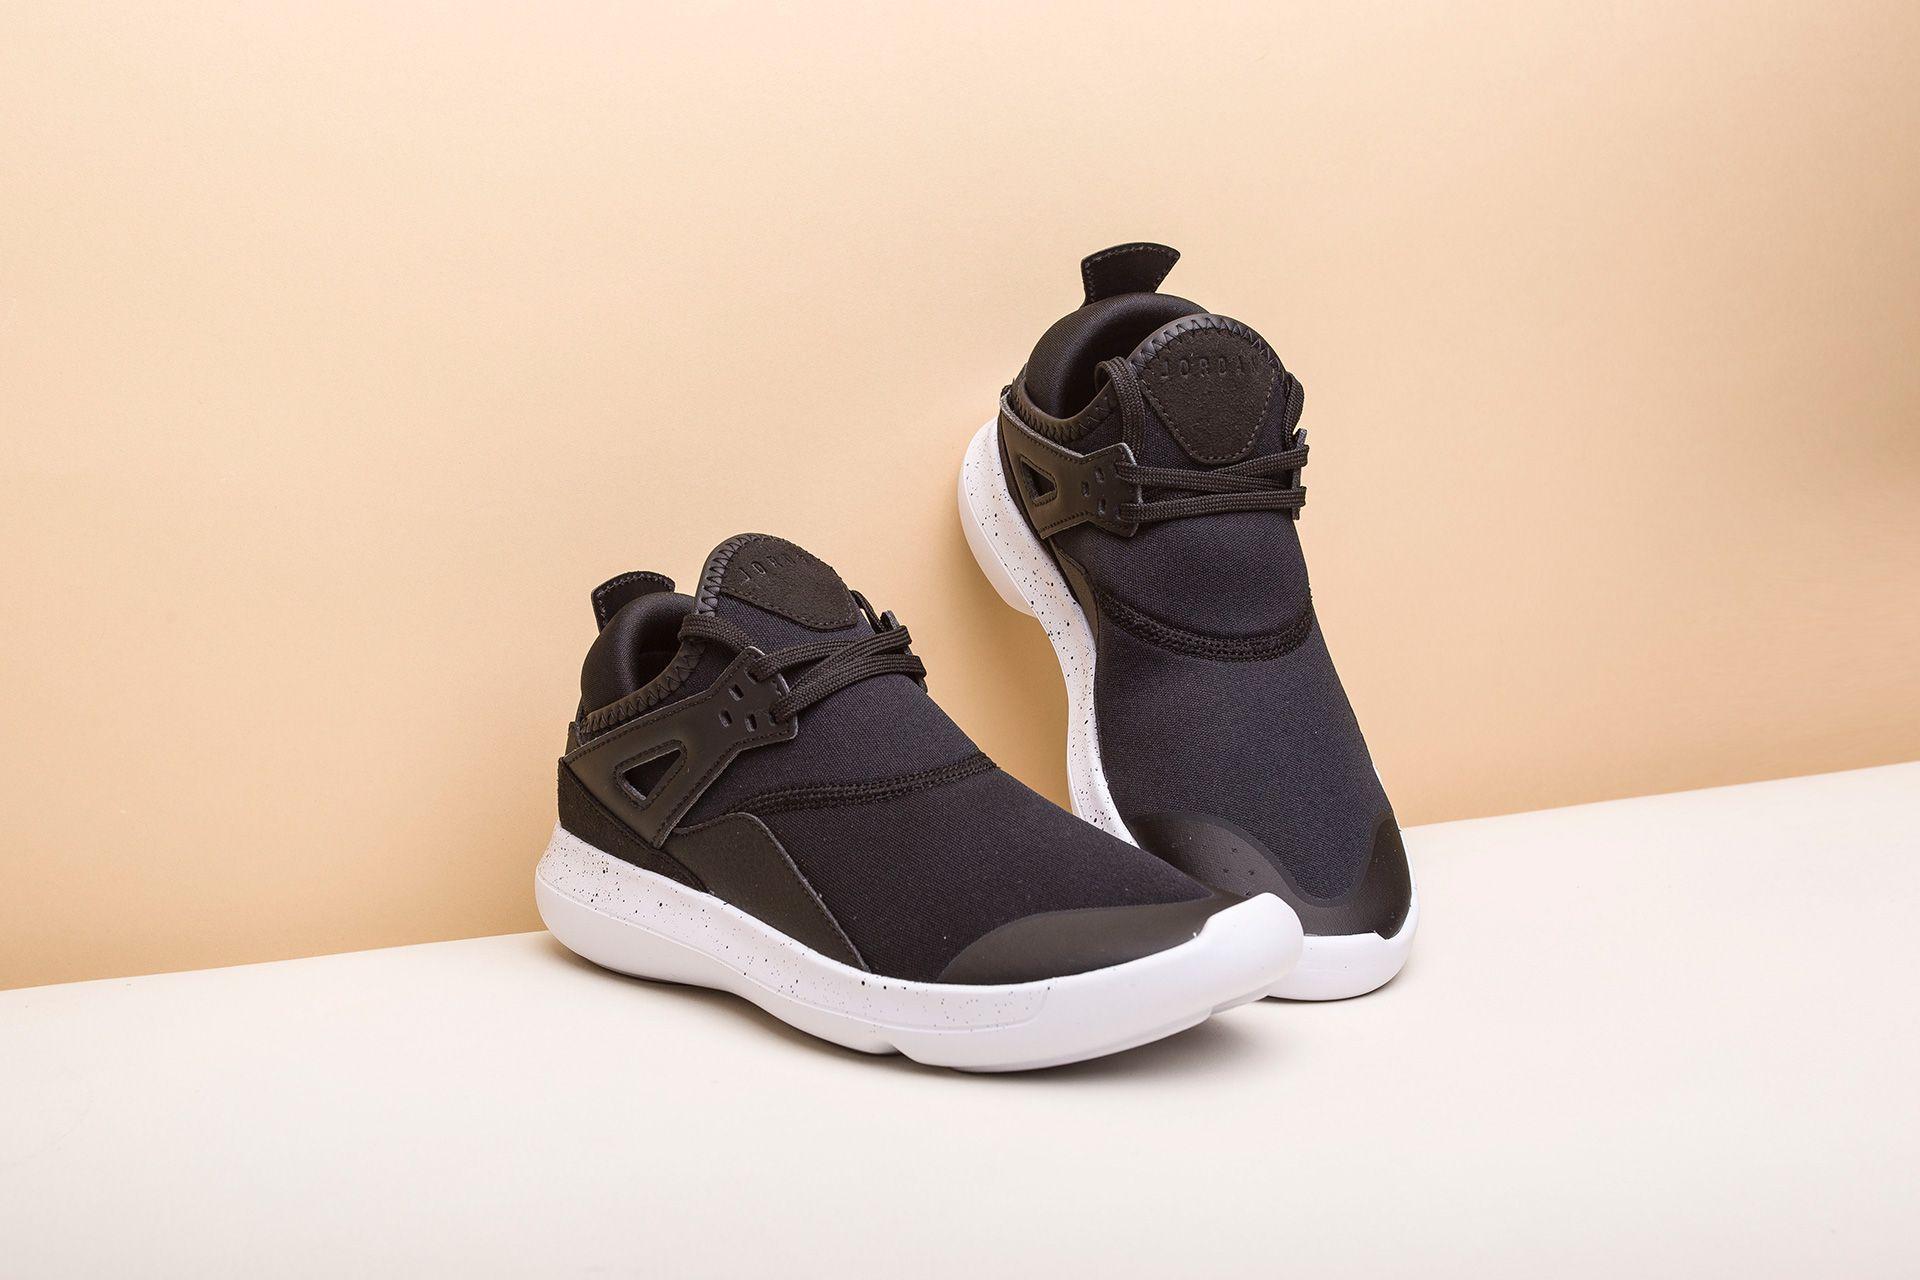 113653862ce6c0 Купить черные женские кроссовки Fly  89 BG от Jordan (AA4039-010) по ...